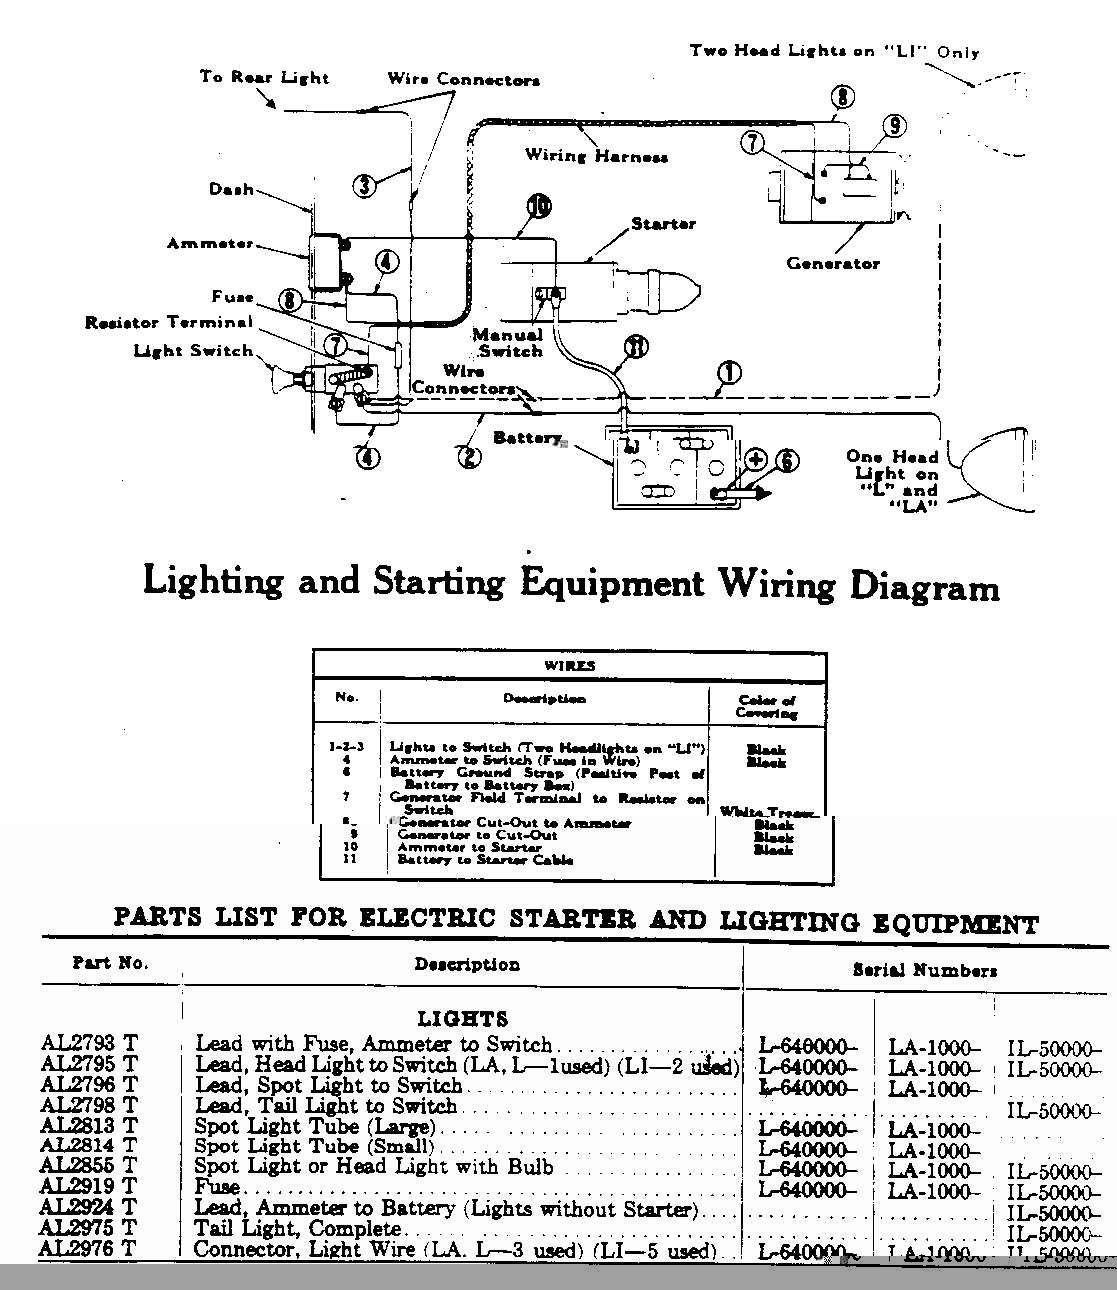 John Deere 9400 Wiring Diagram 6320 On 5420